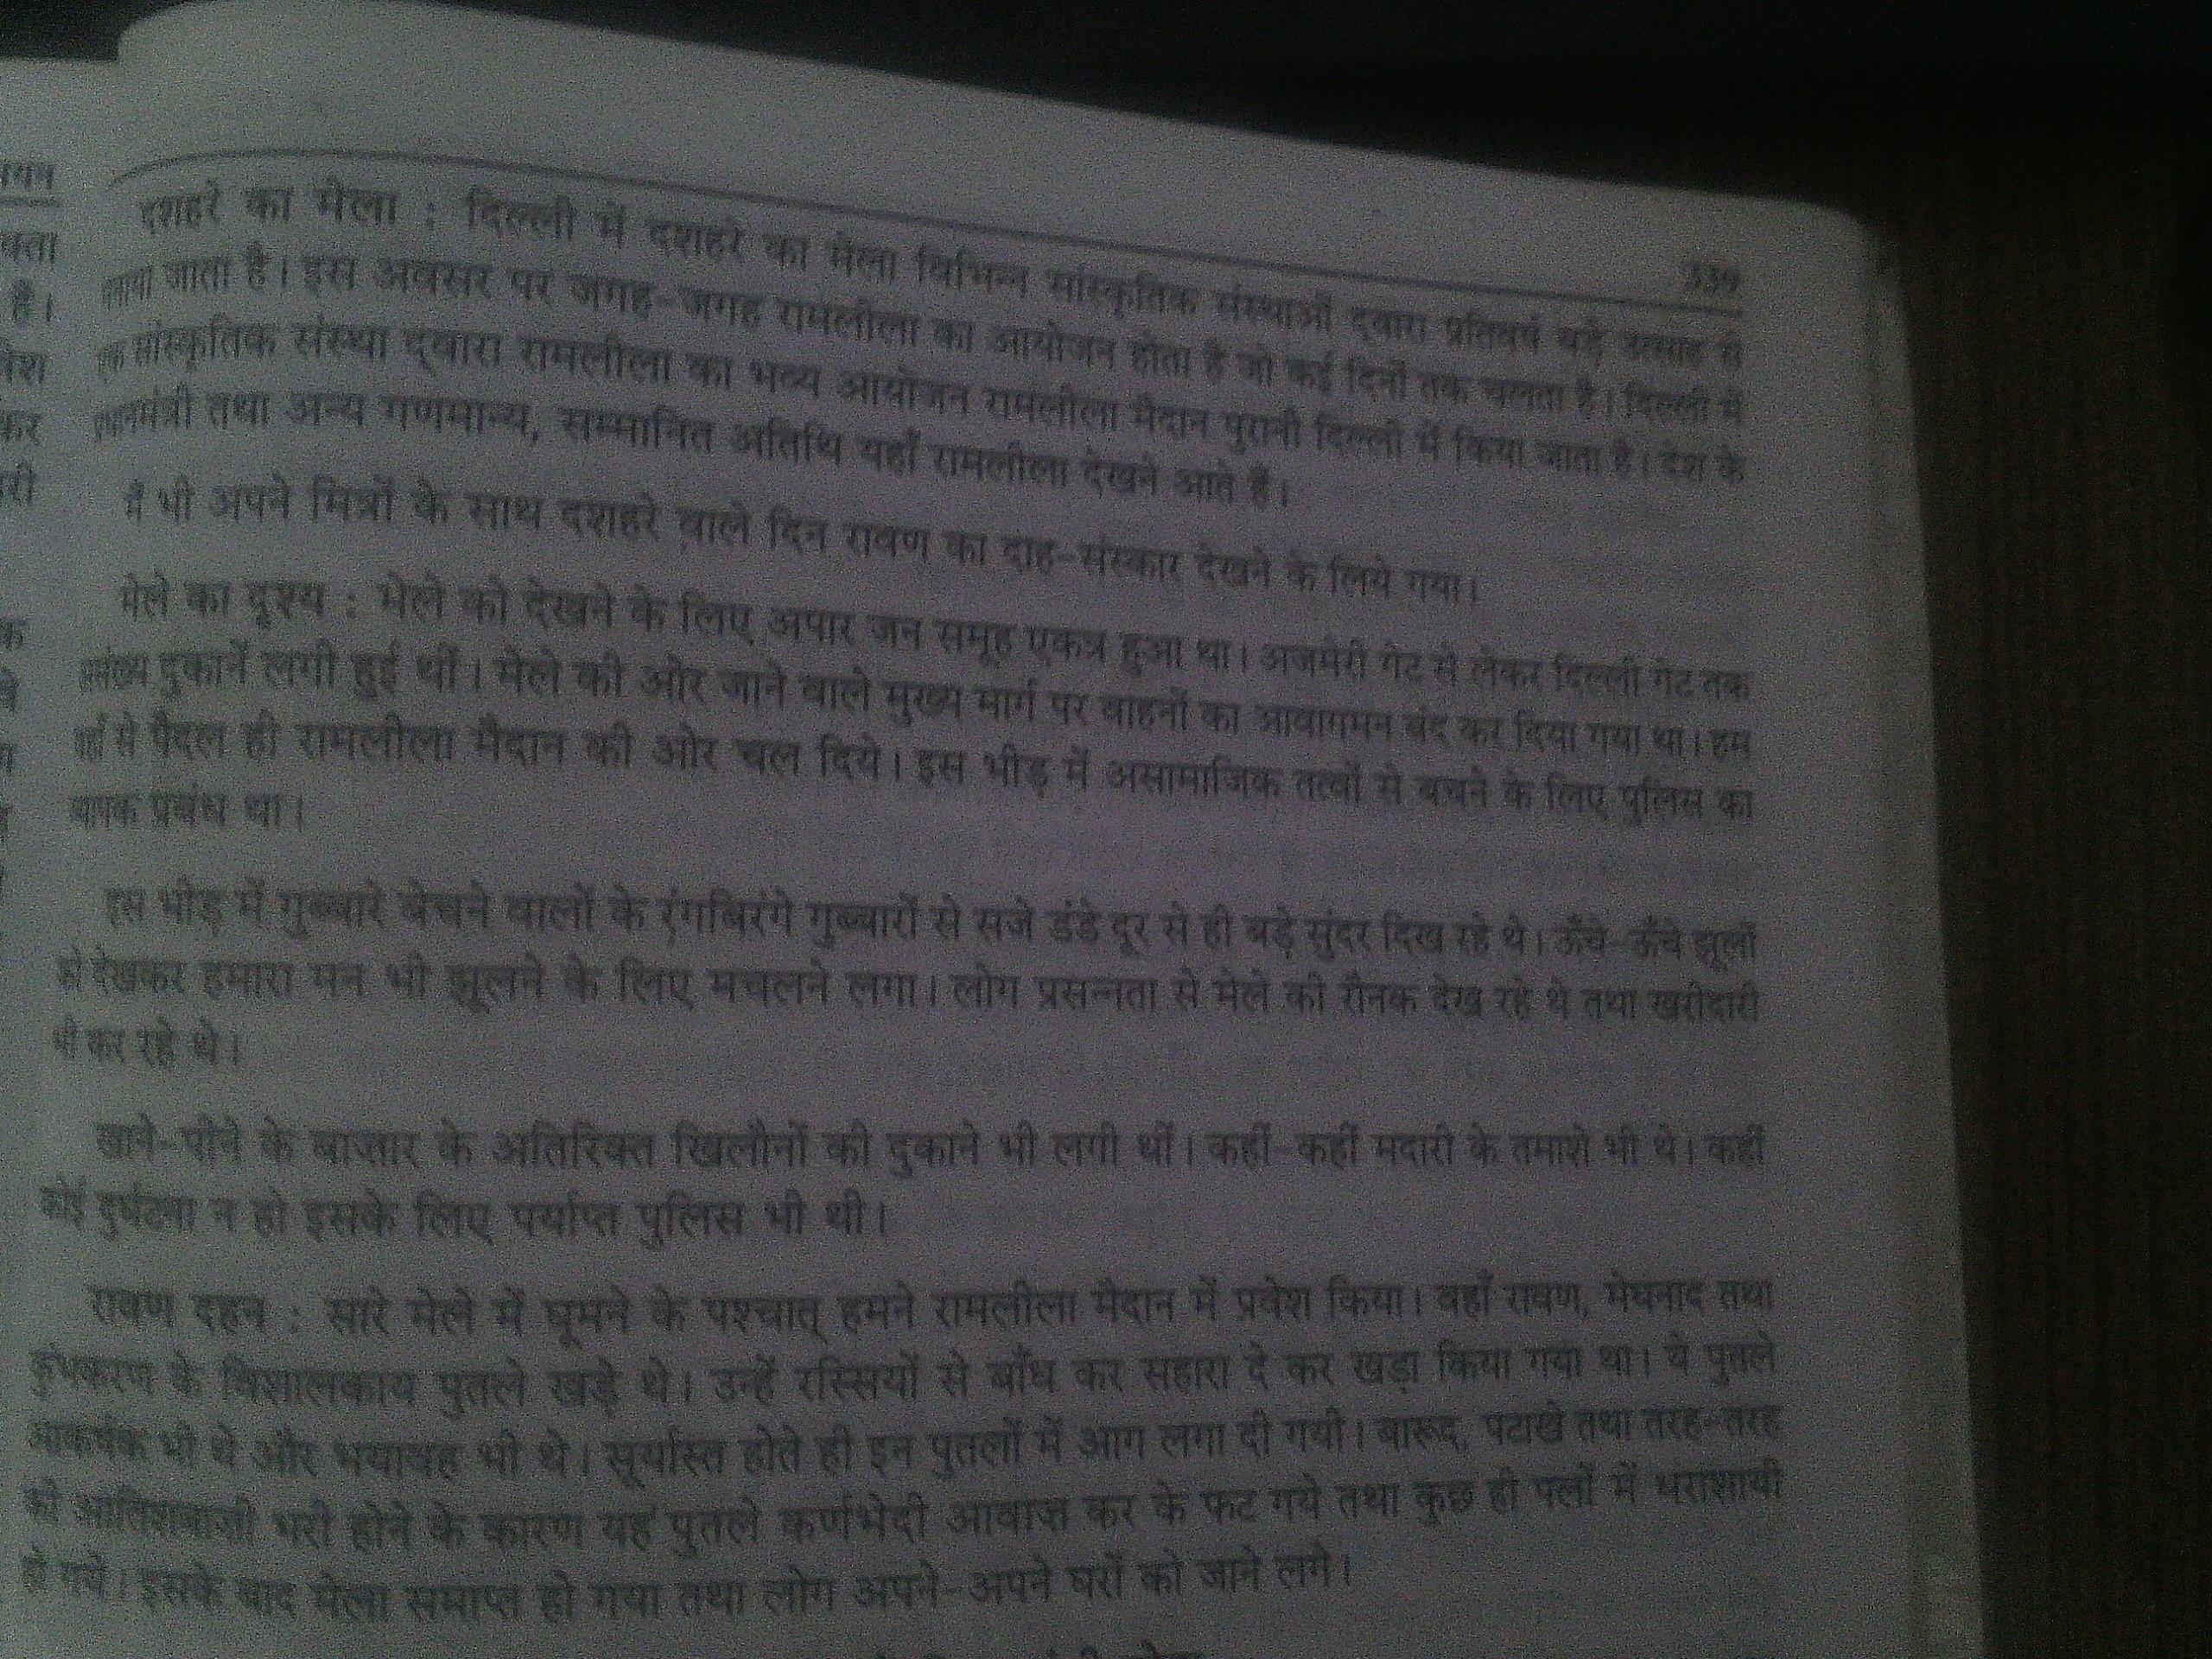 essay on pradarshani mein ek ghanta